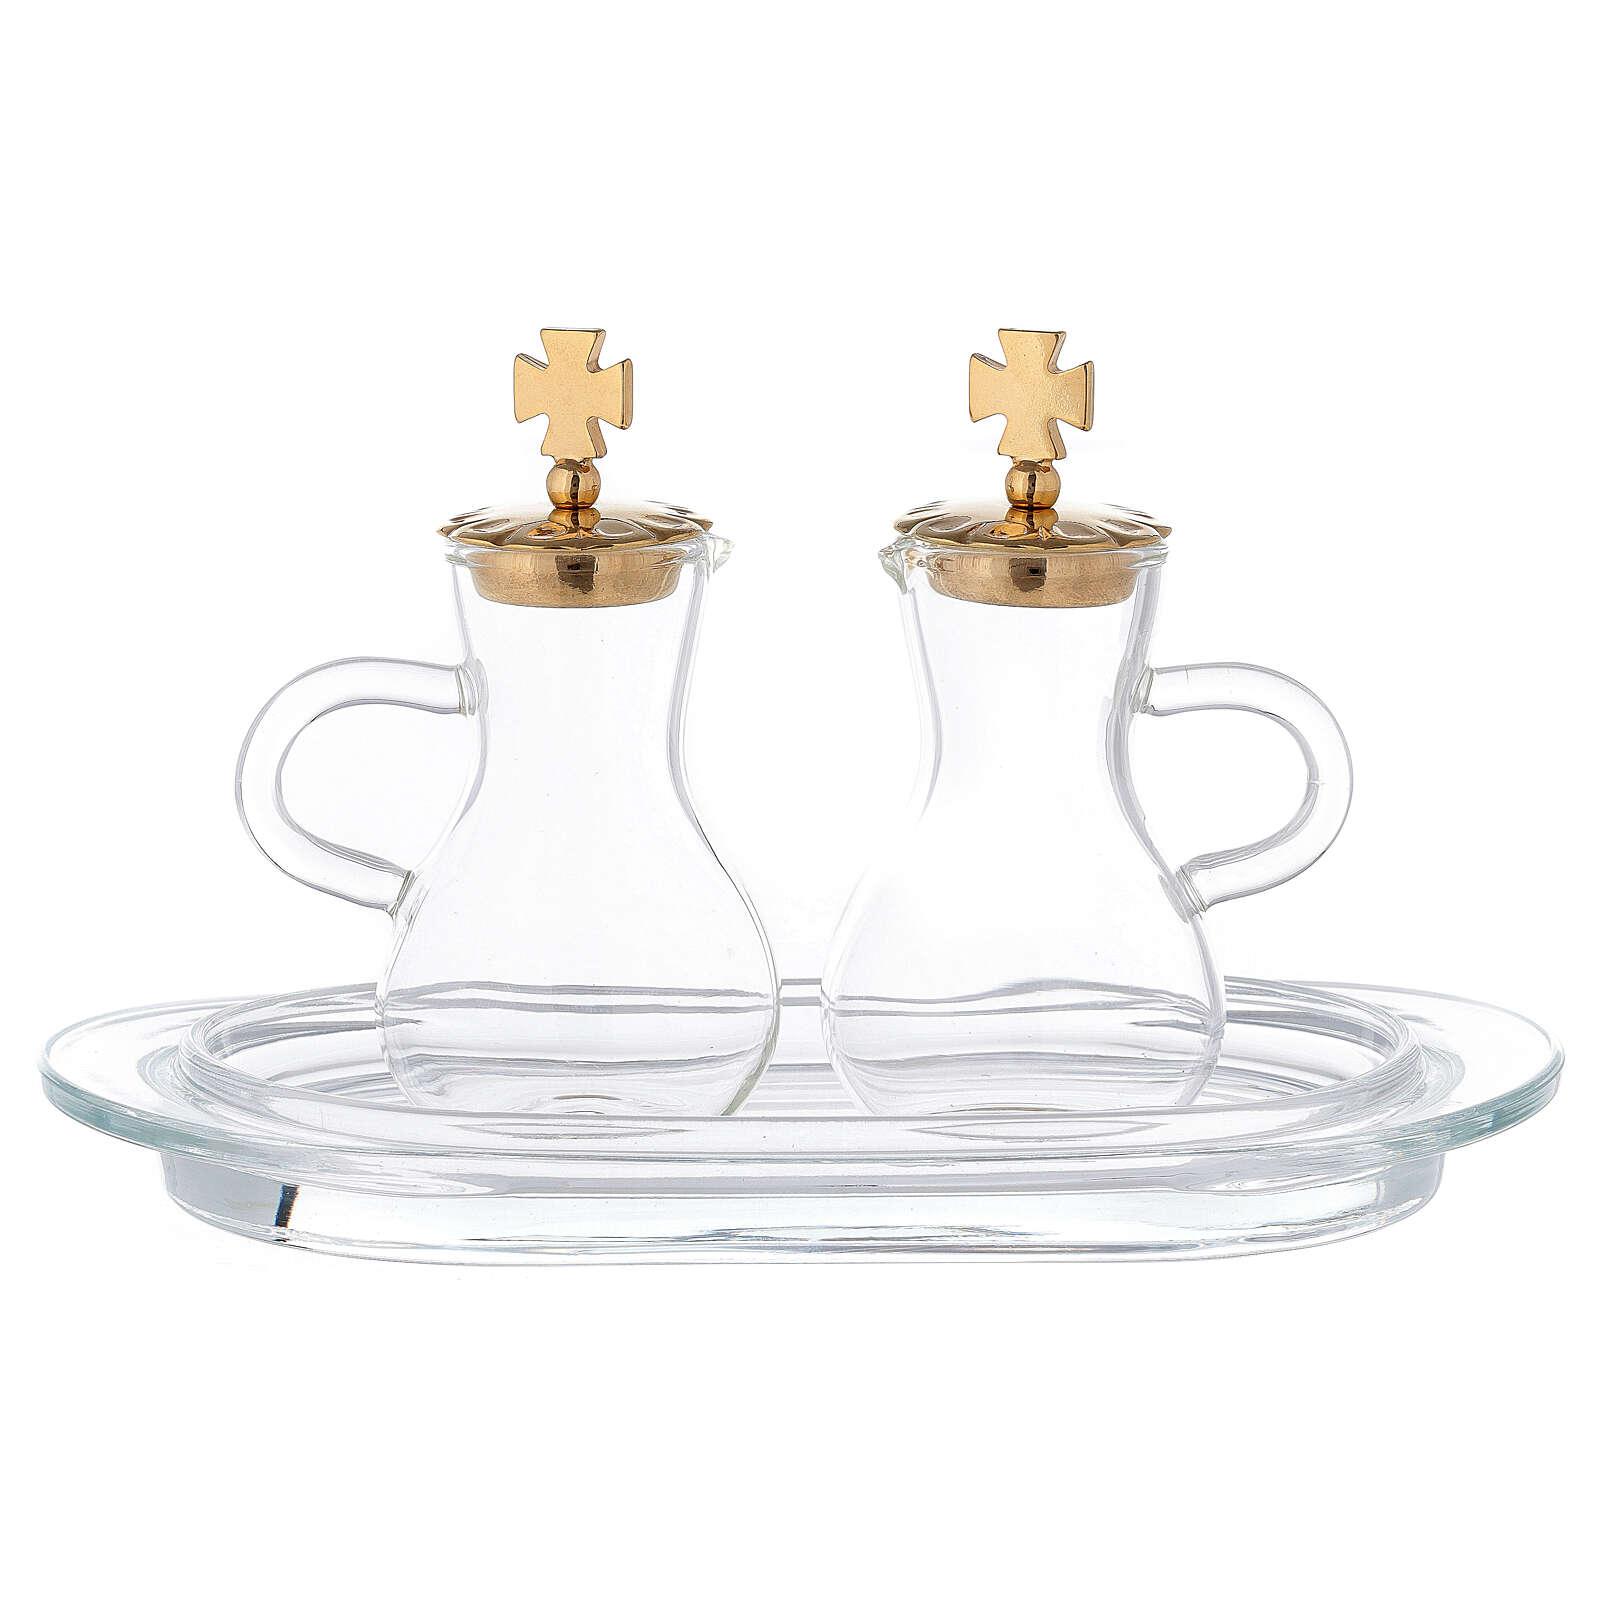 Pareja vinajeras latón dorado y vidrio modelo Parma 4